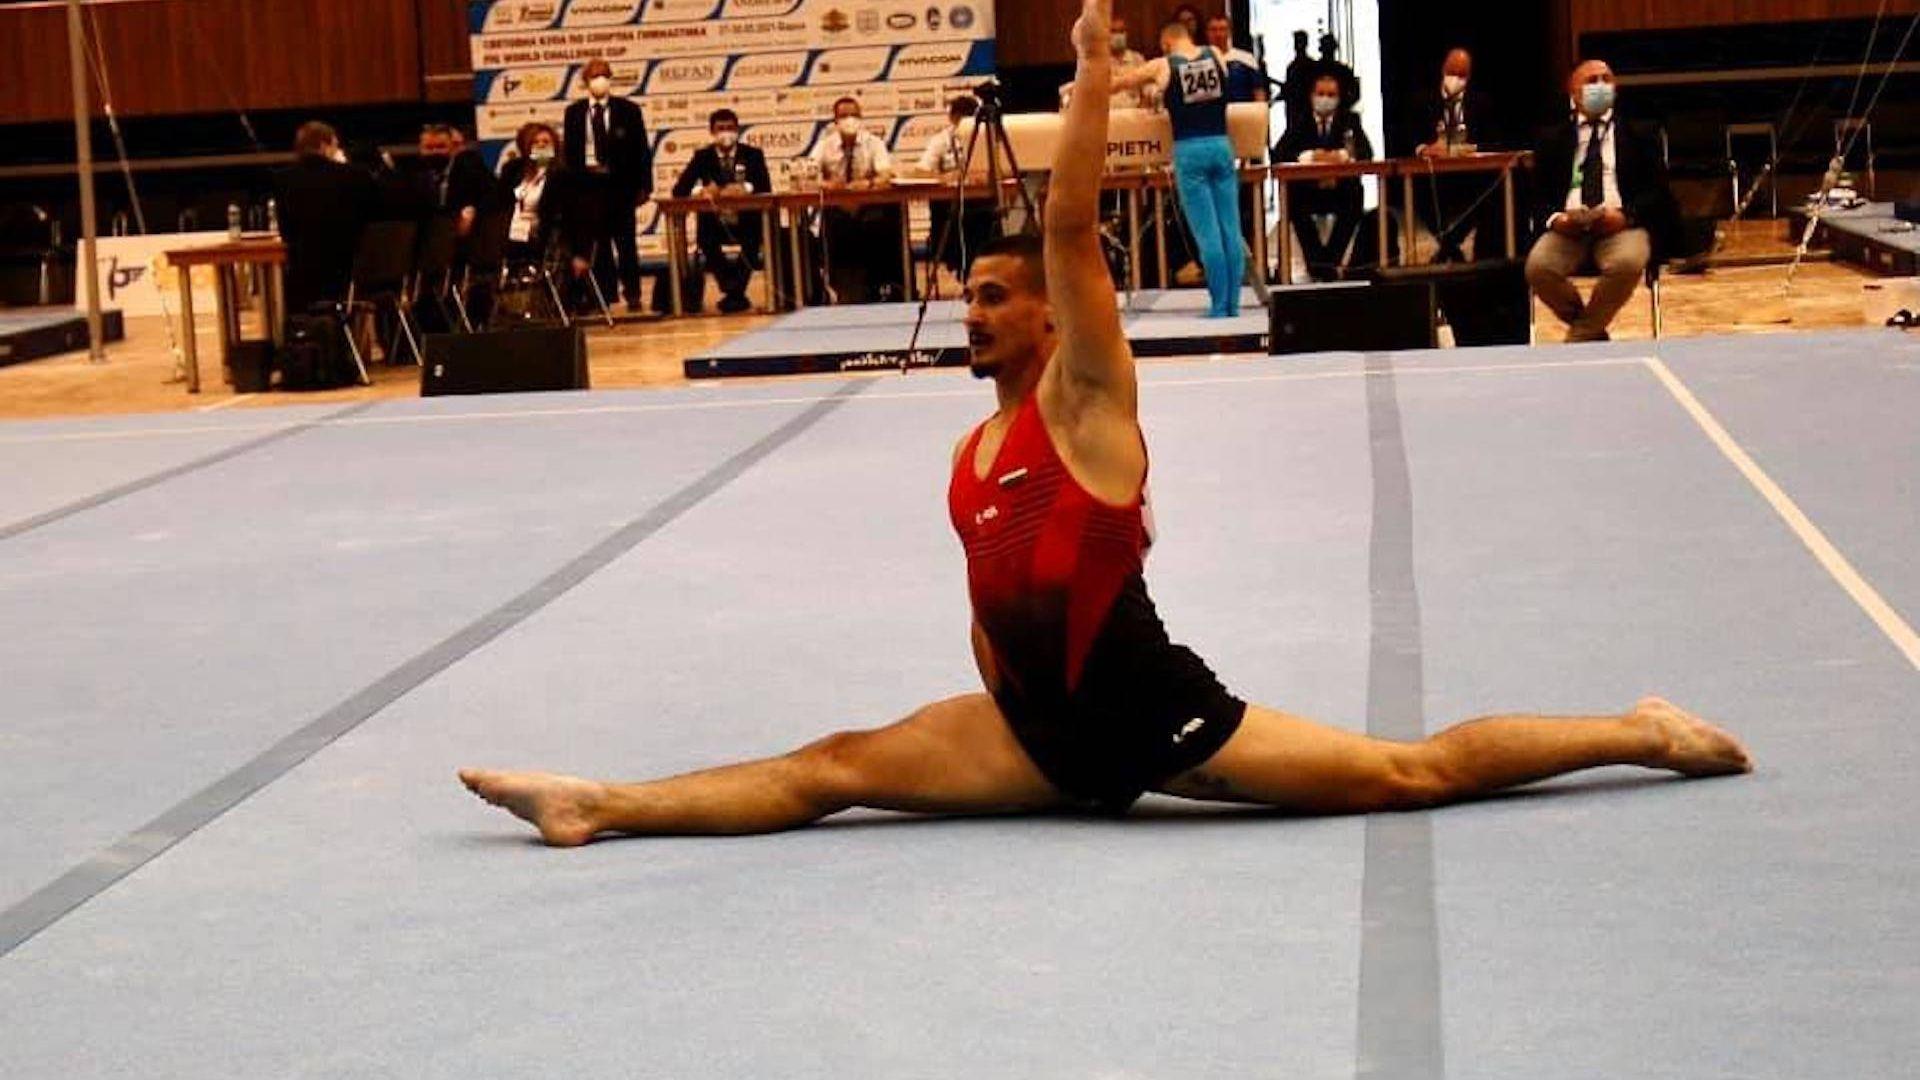 България има финалист на Световната купа по спортна гимнастика